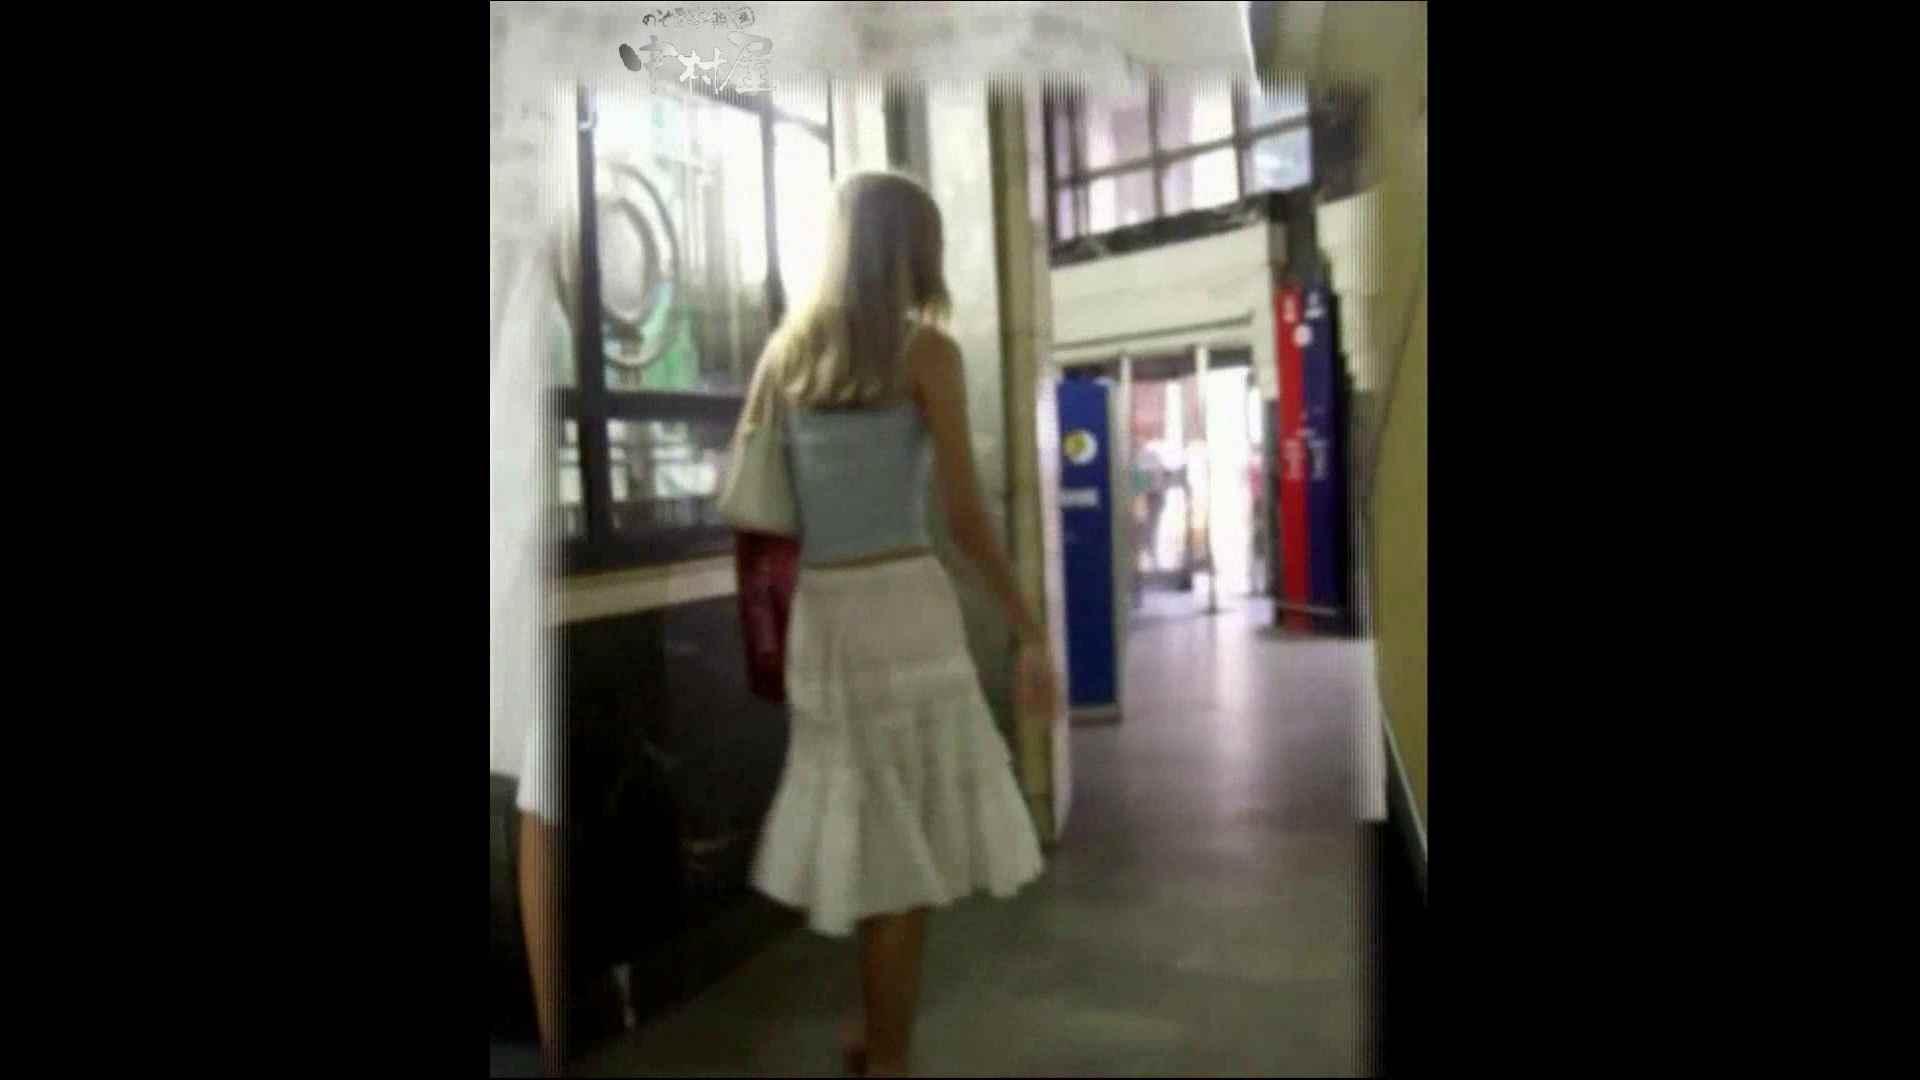 綺麗なモデルさんのスカート捲っちゃおう‼ vol16 OLセックス  100画像 94